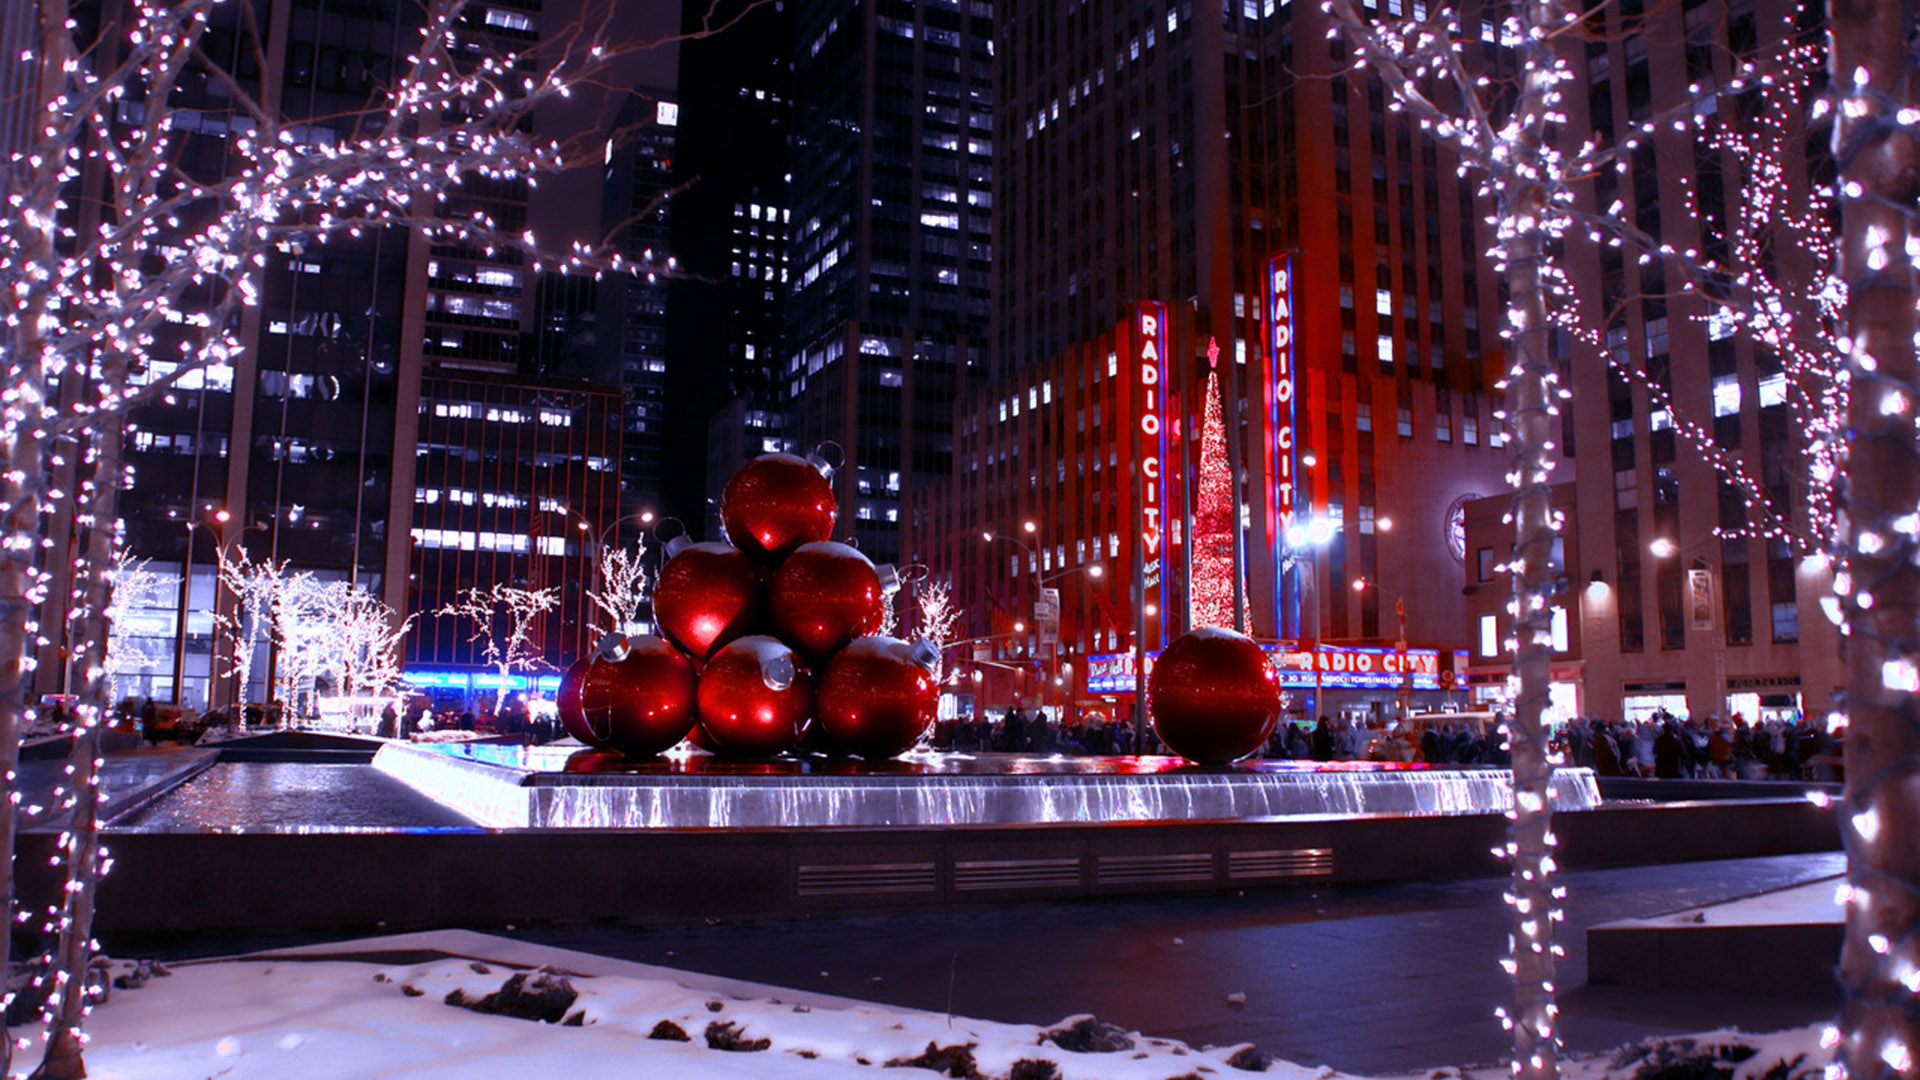 Νέα Υόρκη - Χριστούγεννα / Πρωτοχρονιά / Θεοφάνεια